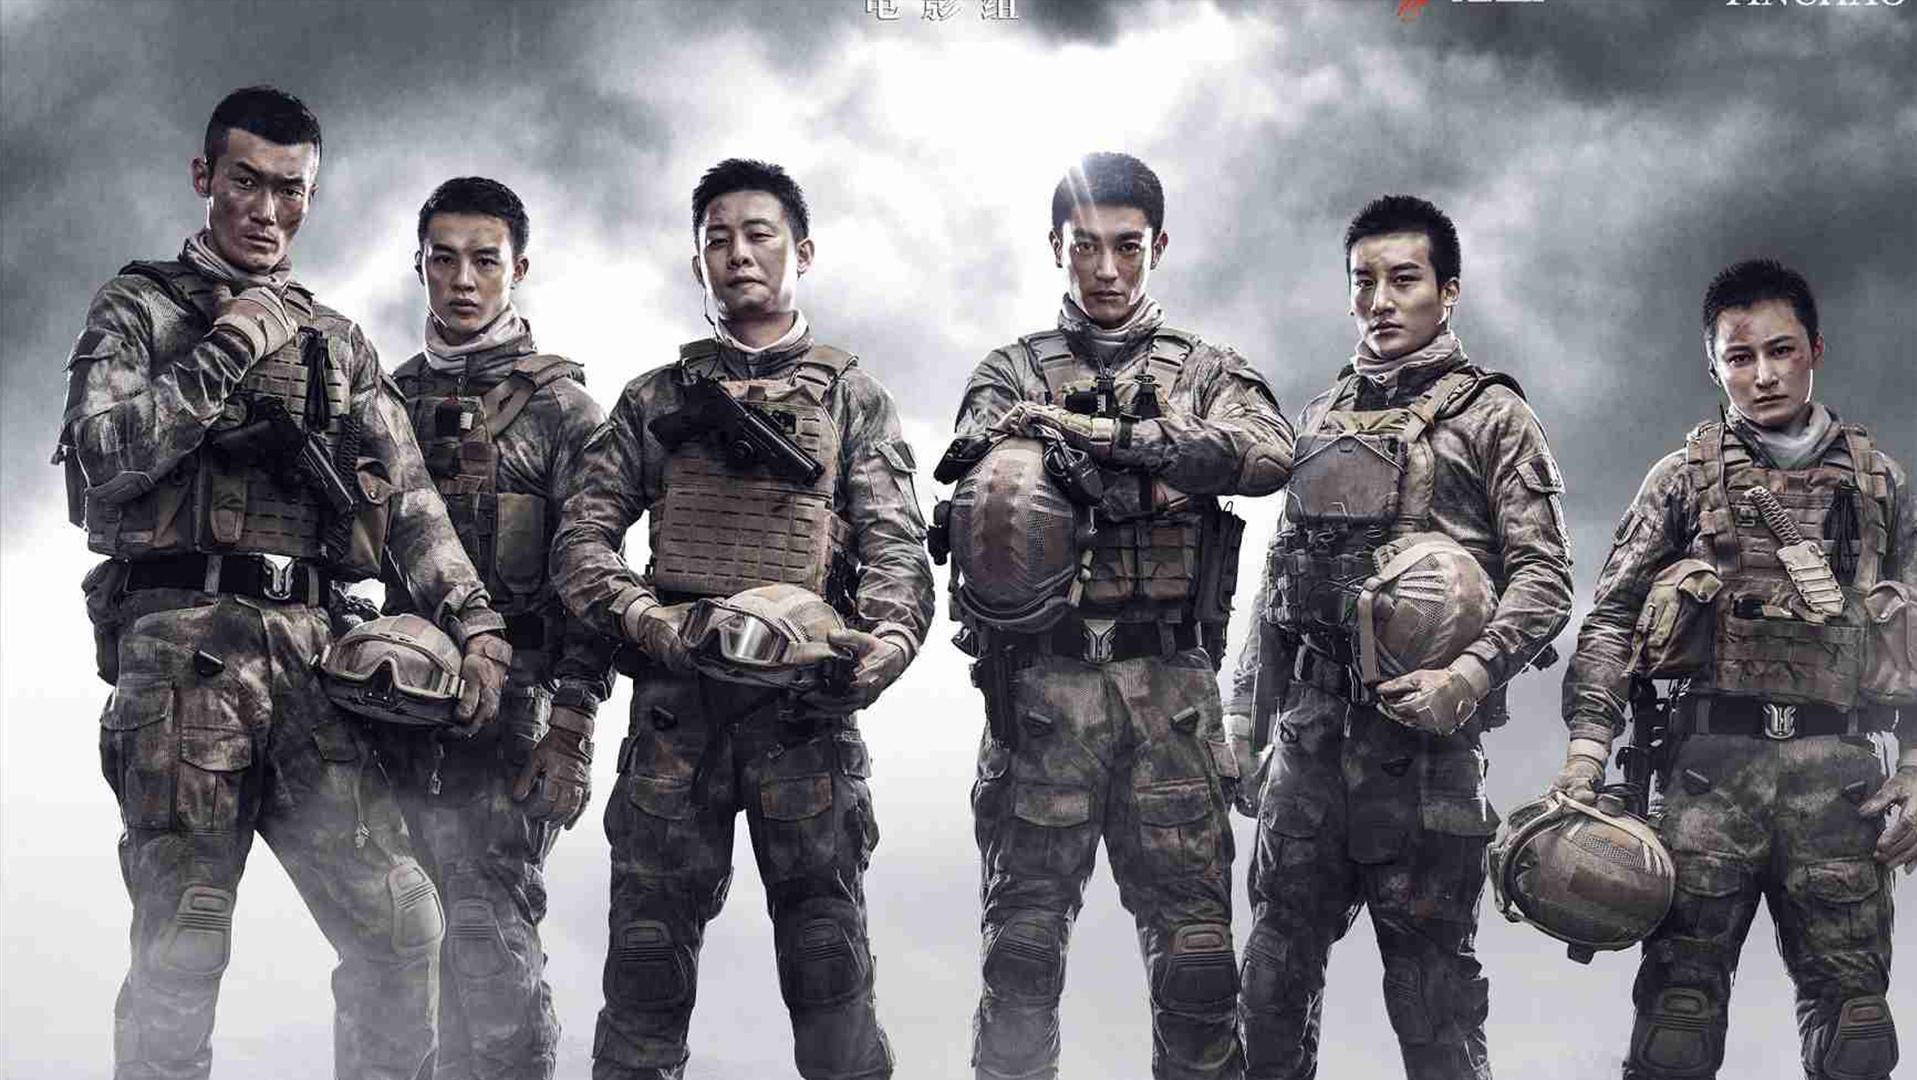 張譯黃景瑜再度迴歸,彭于晏王一博加盟,這部熱血戰爭片即將開拍